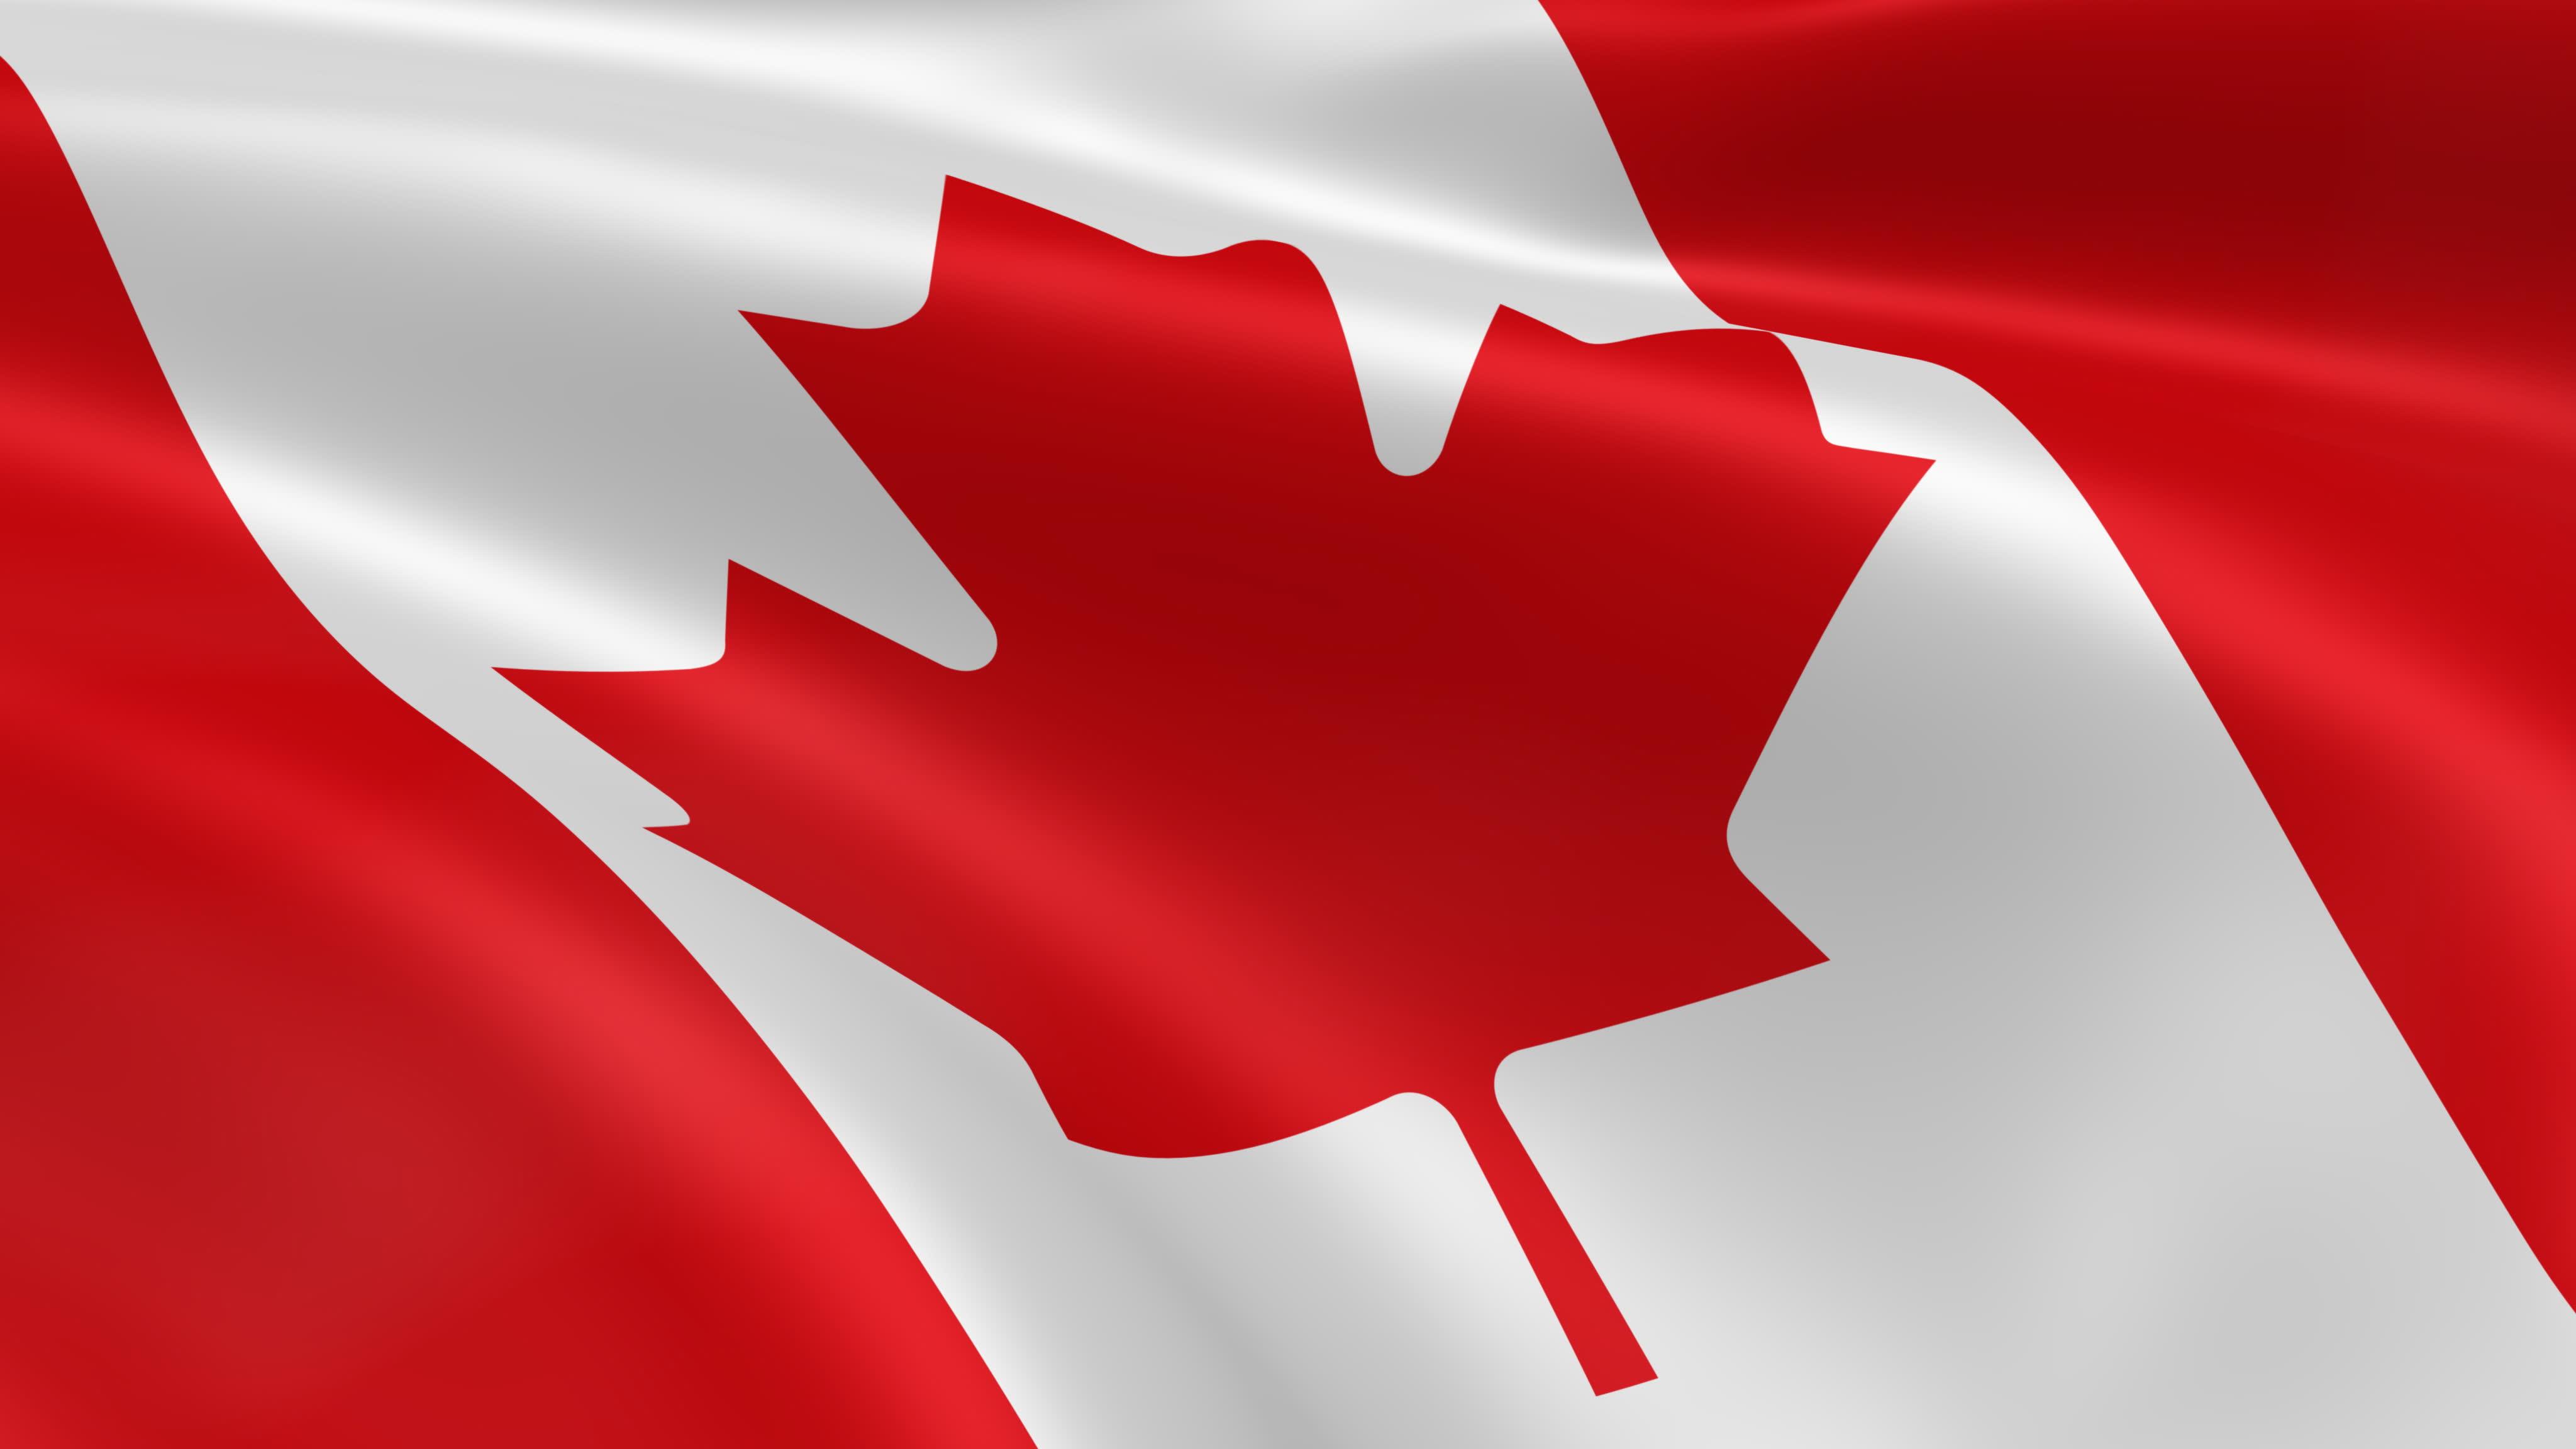 canada flag canada flag canada flag canada flag share canada 4096x2304